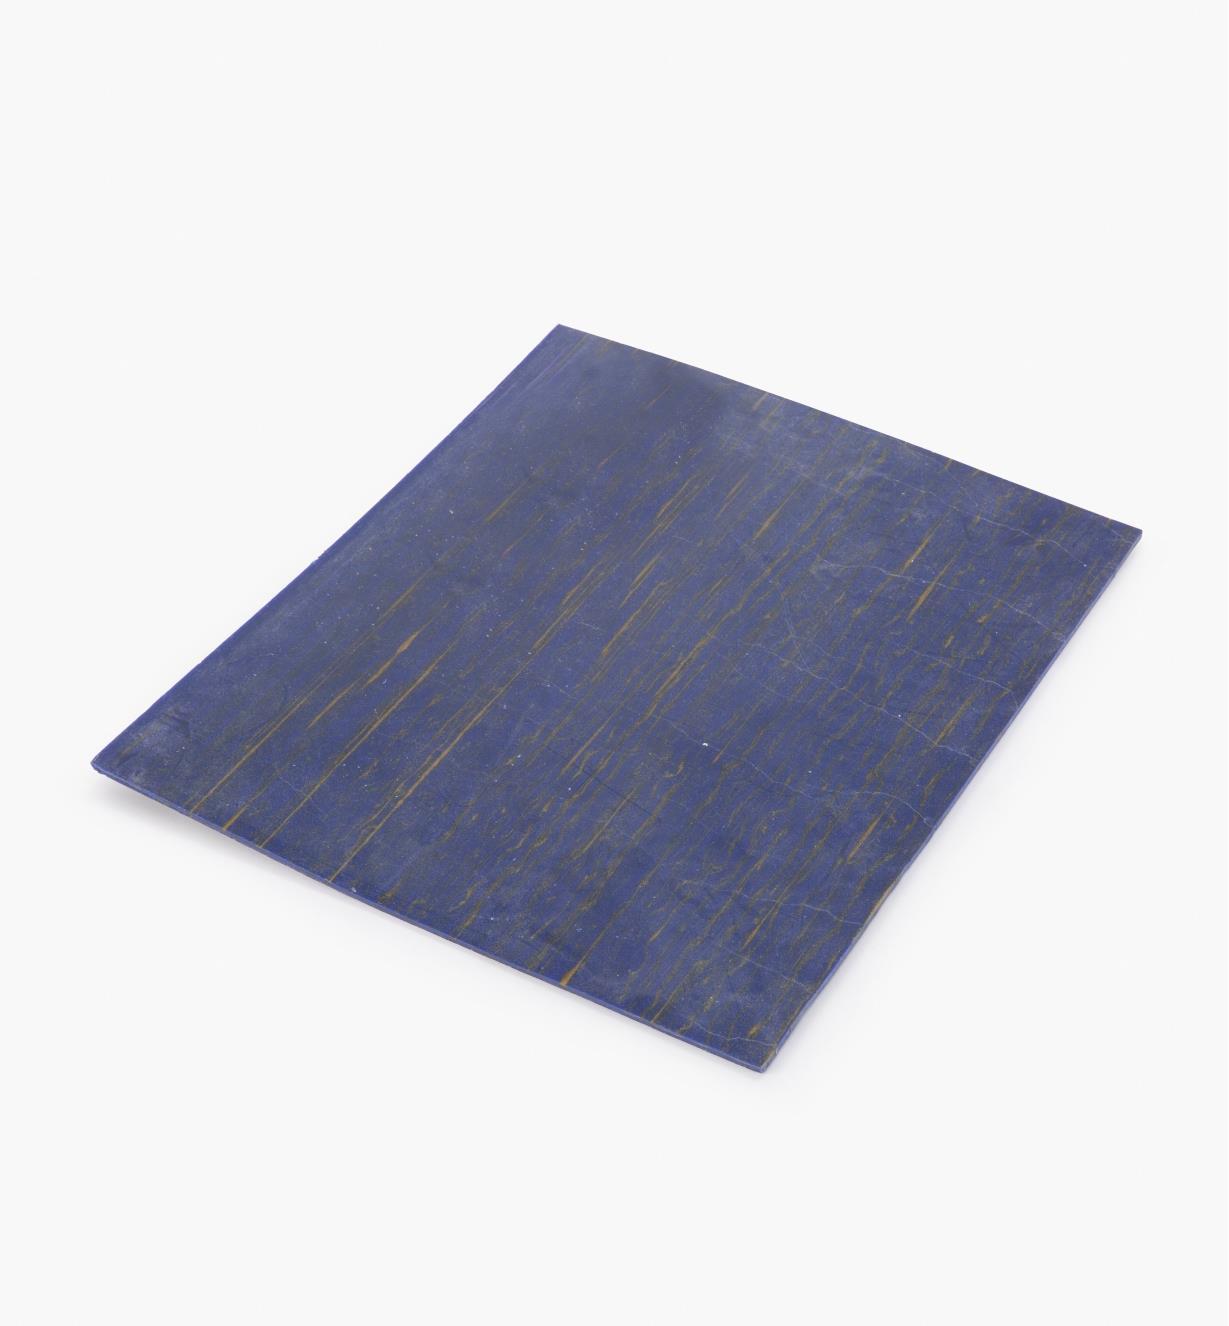 87K2109 - Plaque imitation lapis-lazuli, 23 cm x 28 cm x 3 mm